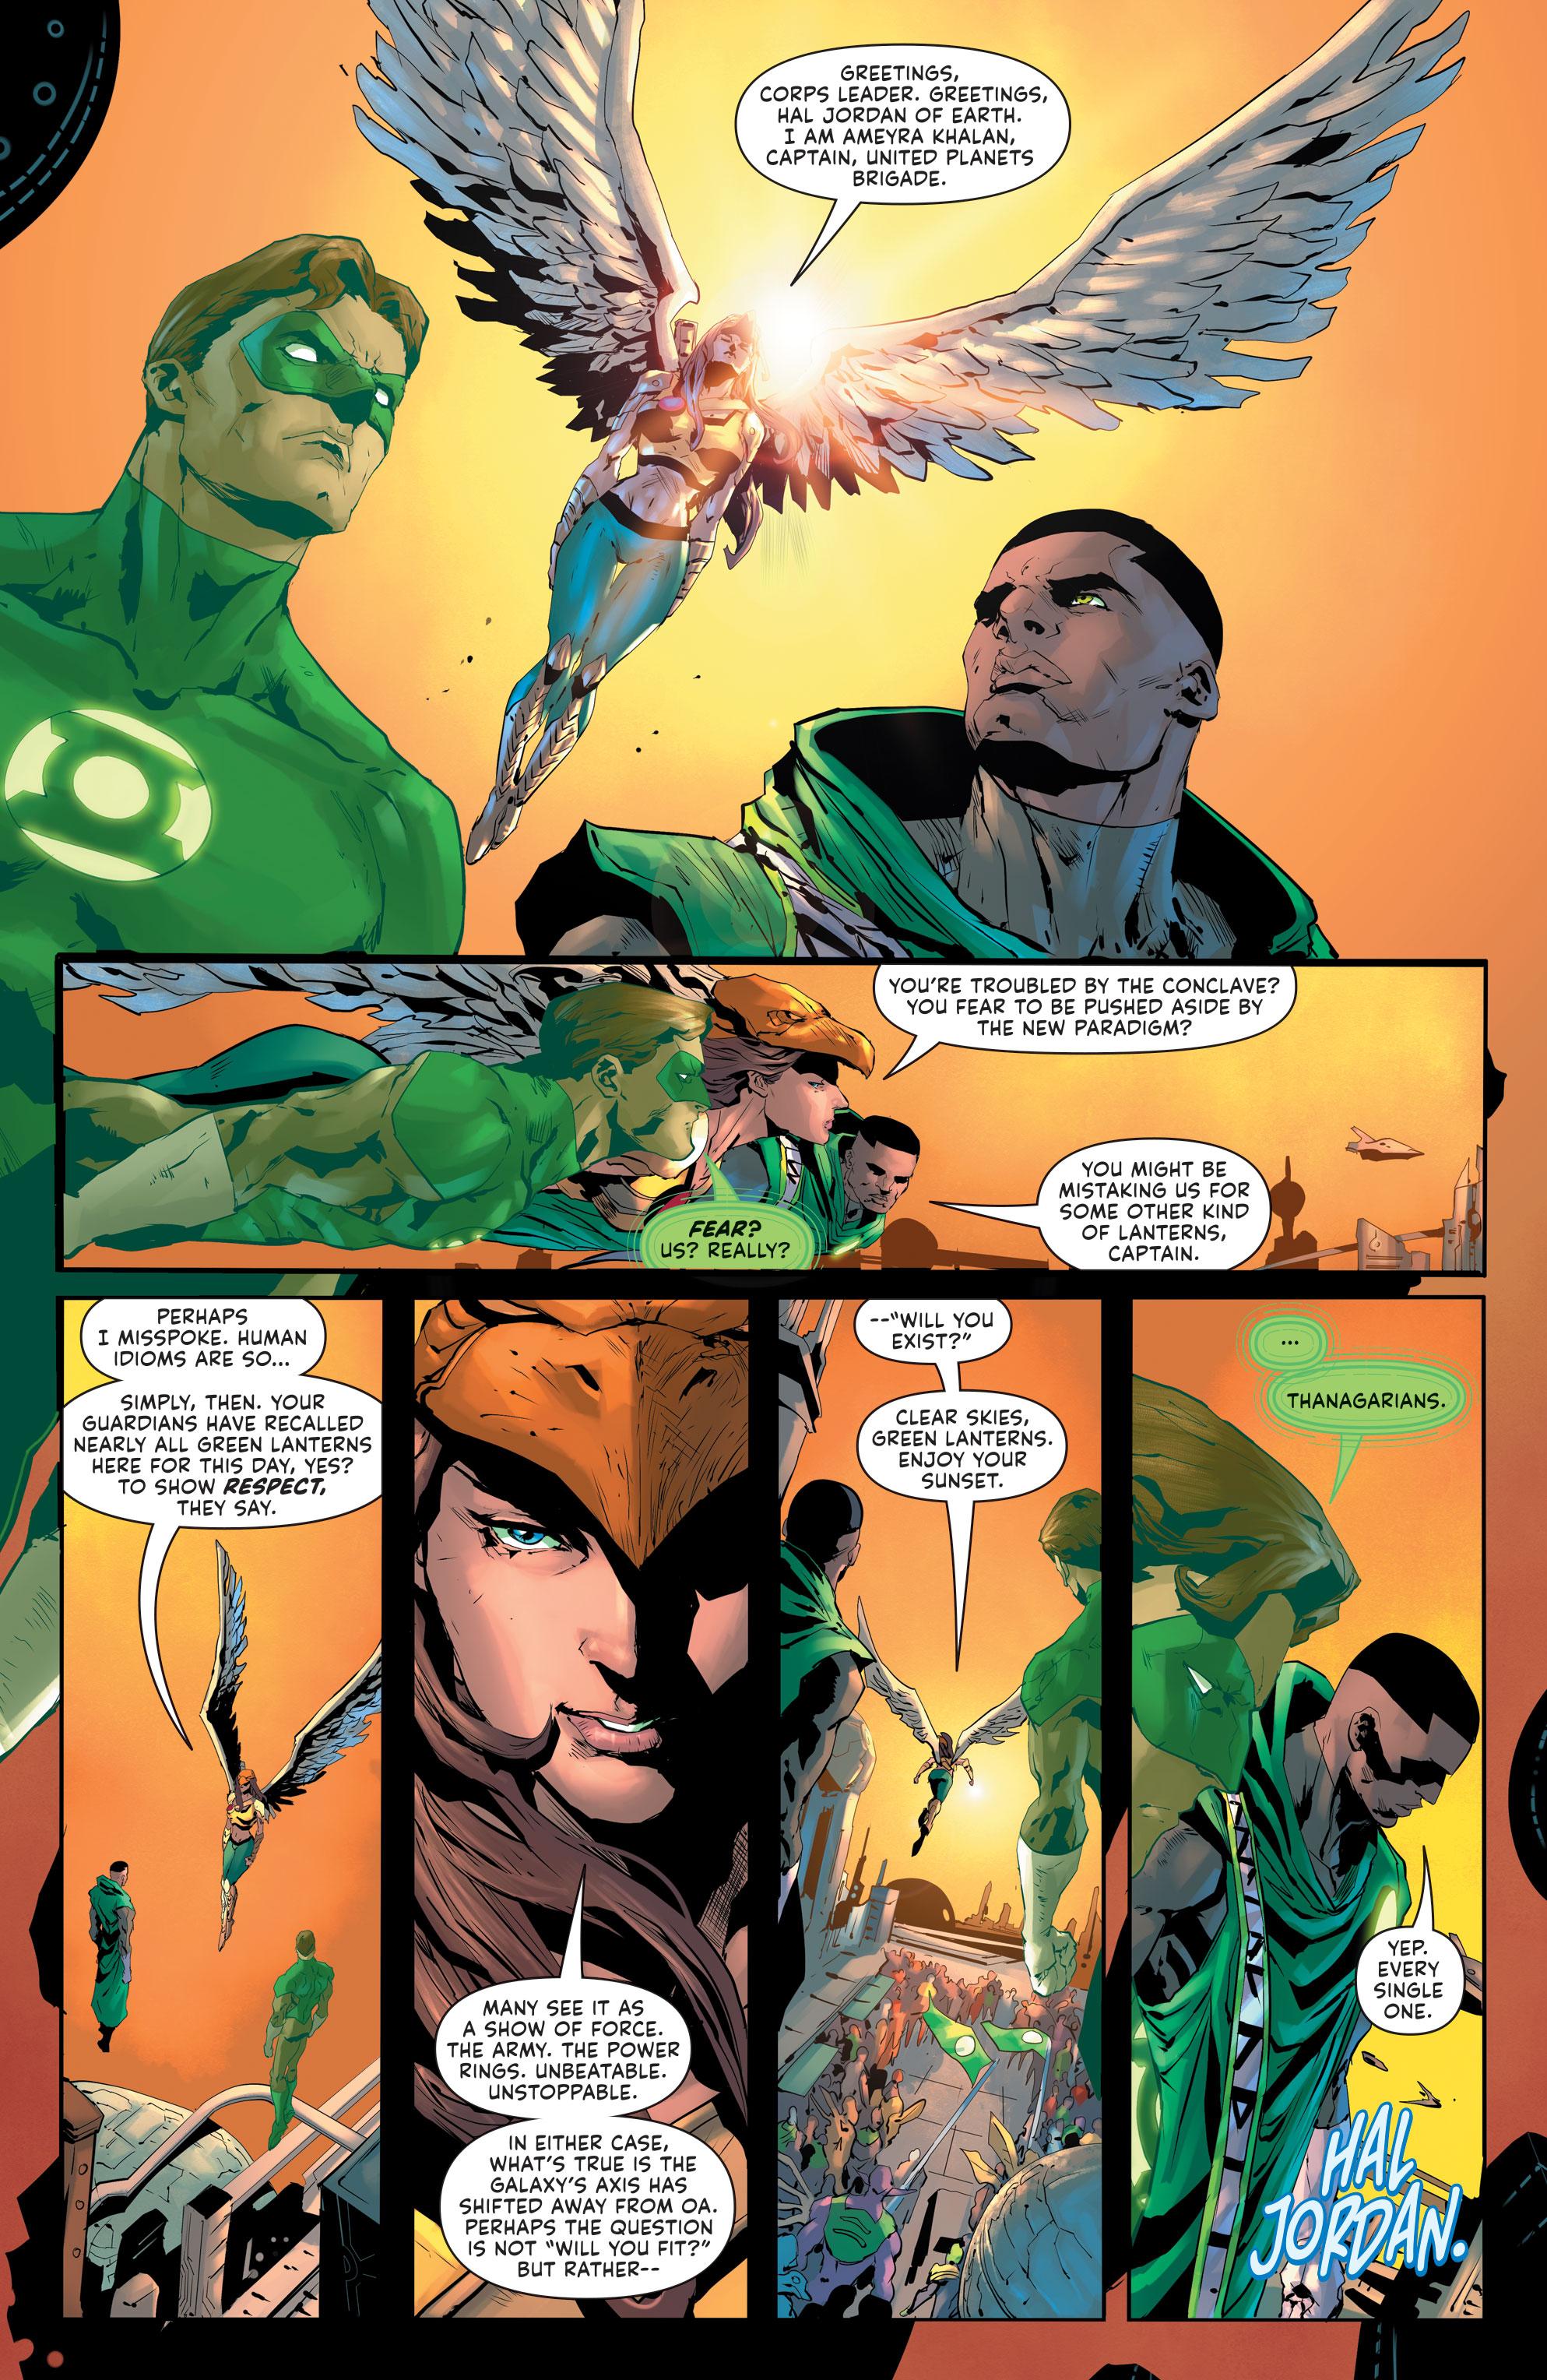 Green-Lantern-1-7_60667a6865aba8_002